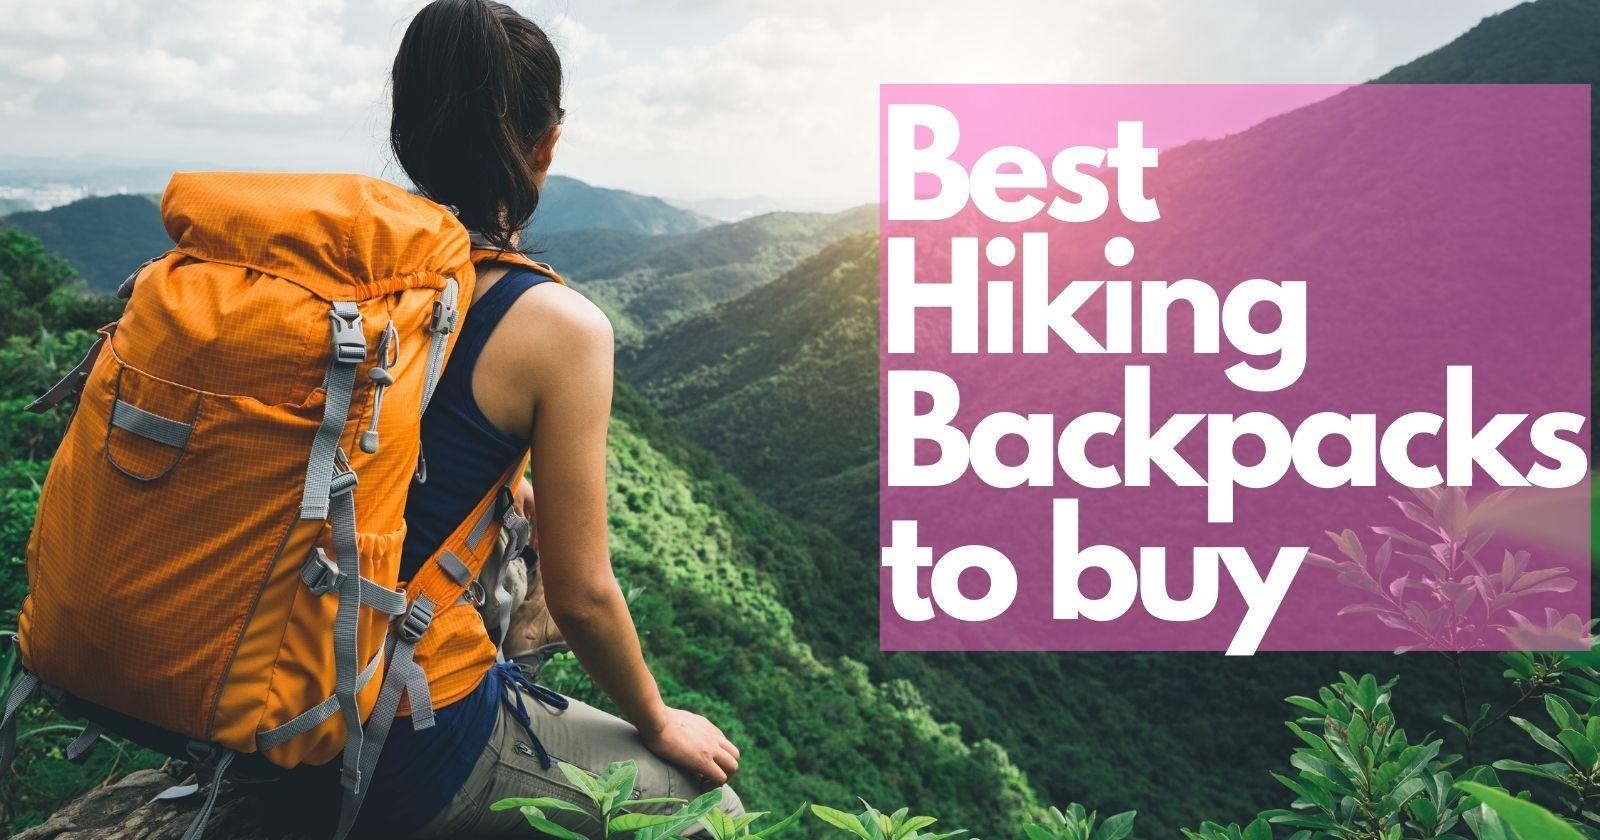 Best Hiking Backpacks to buy